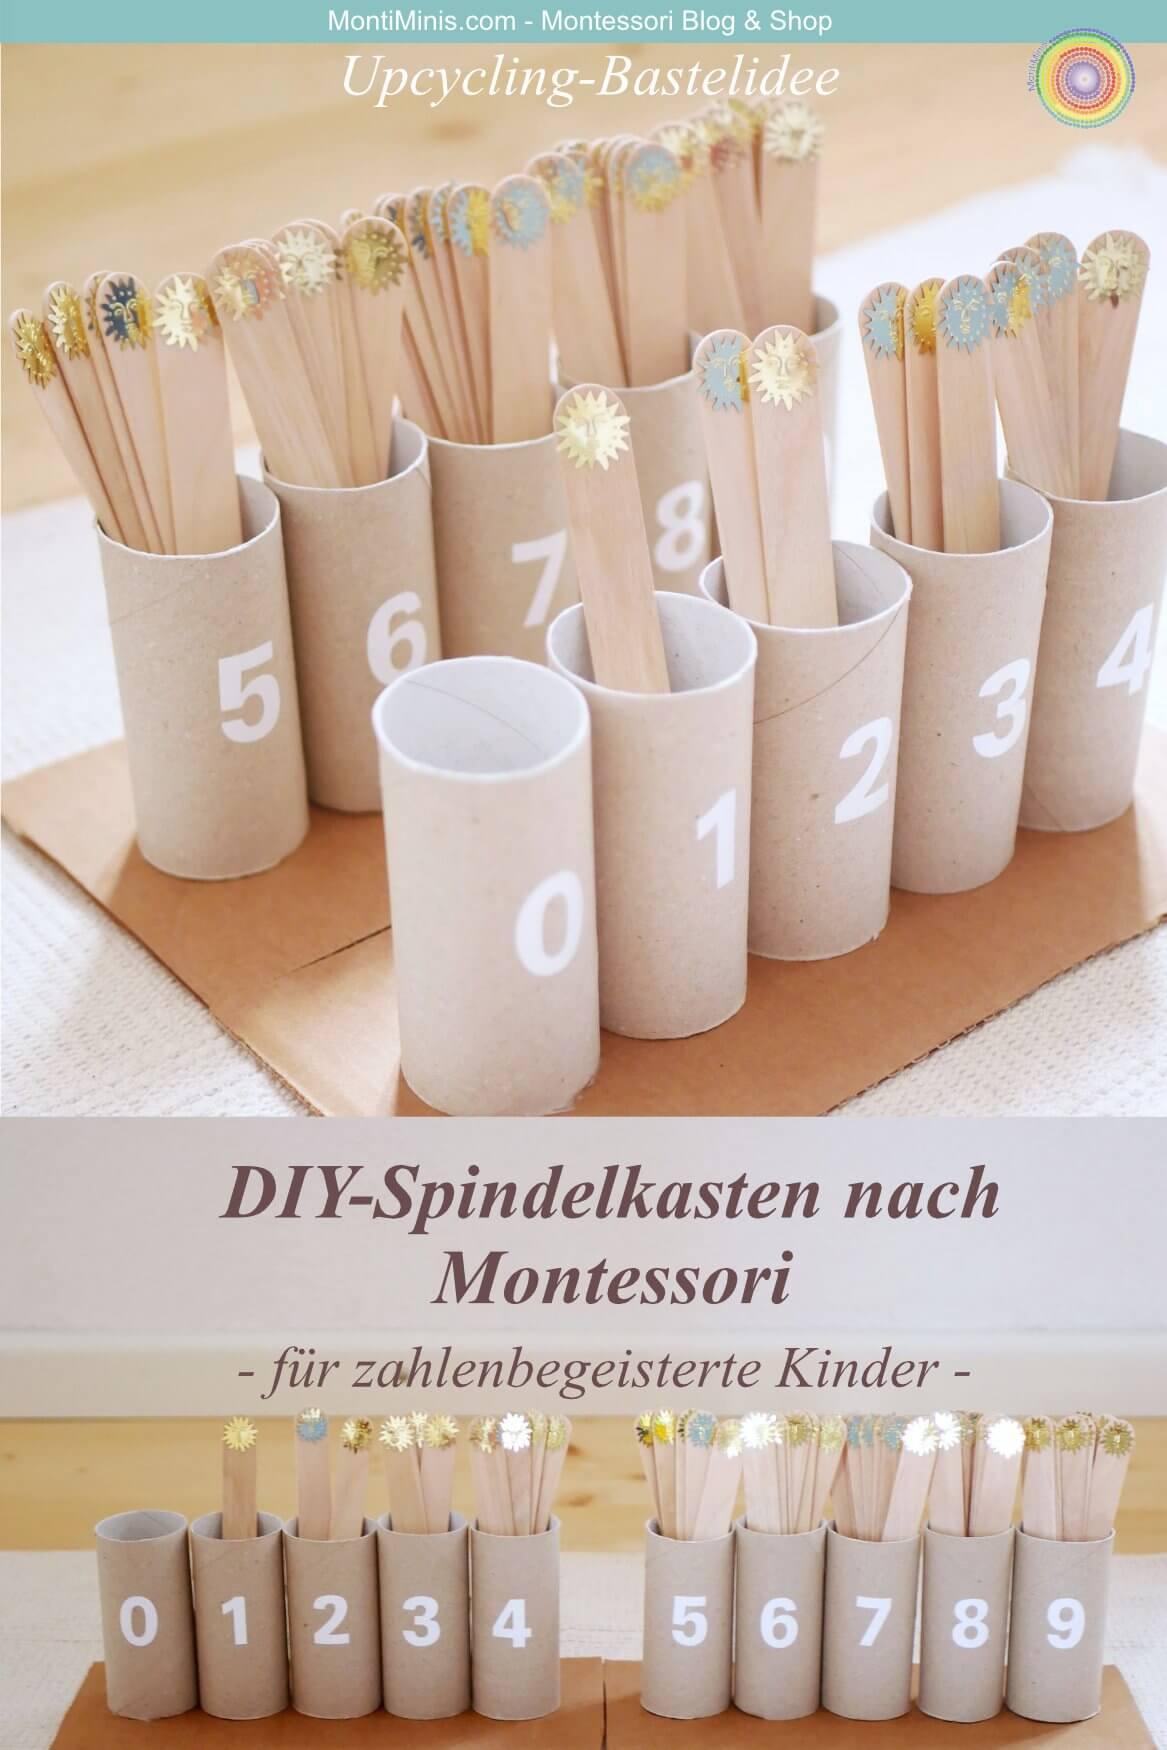 DIY-Montessori Spindelkasten, Spielidee für Kinder, Zählen lernen, Upcycling, Basteln mit Klorollen- MontiMinis